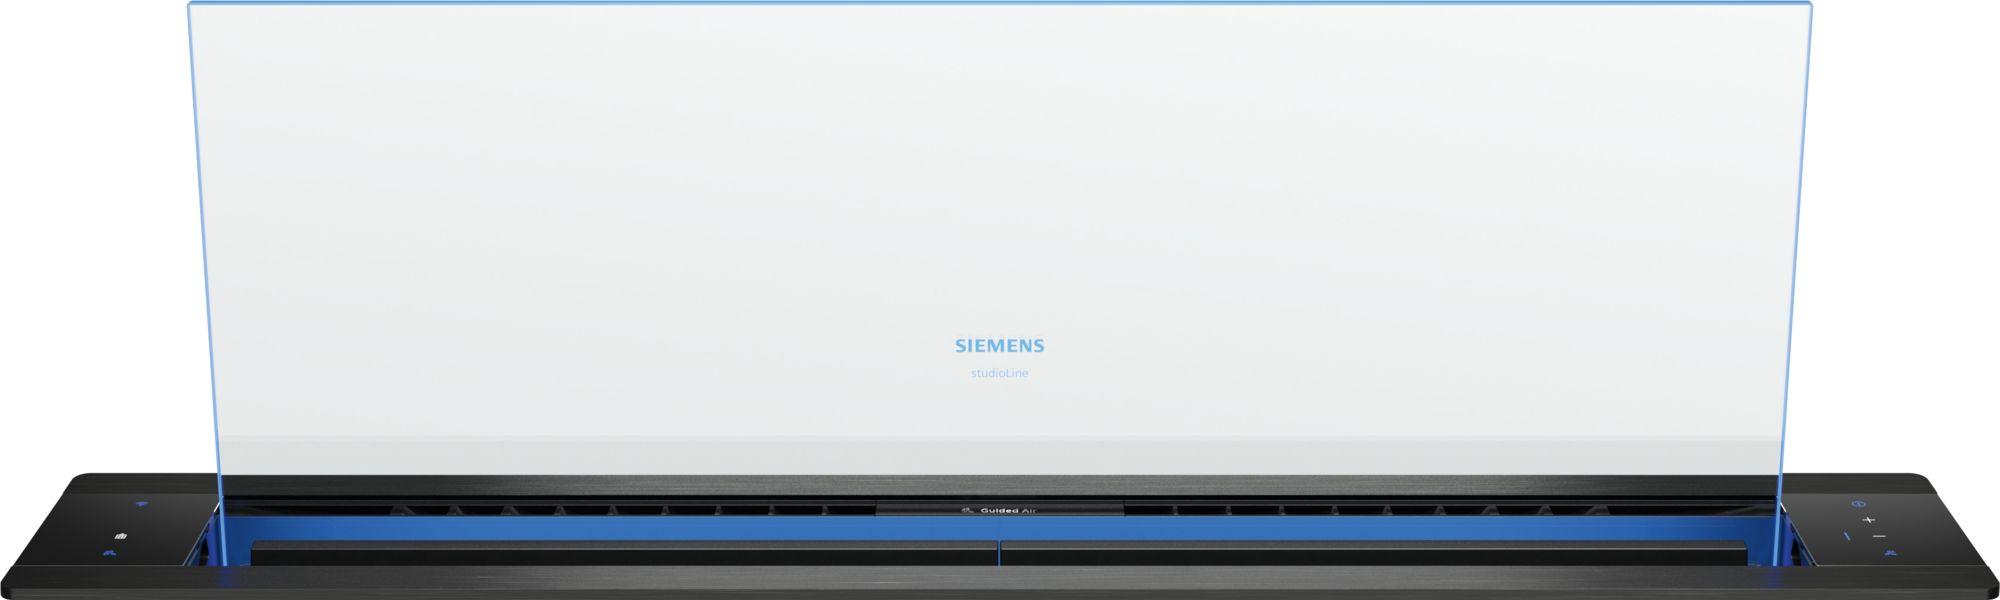 Siemens LD98WMM65 Tischlüfter Schwarz